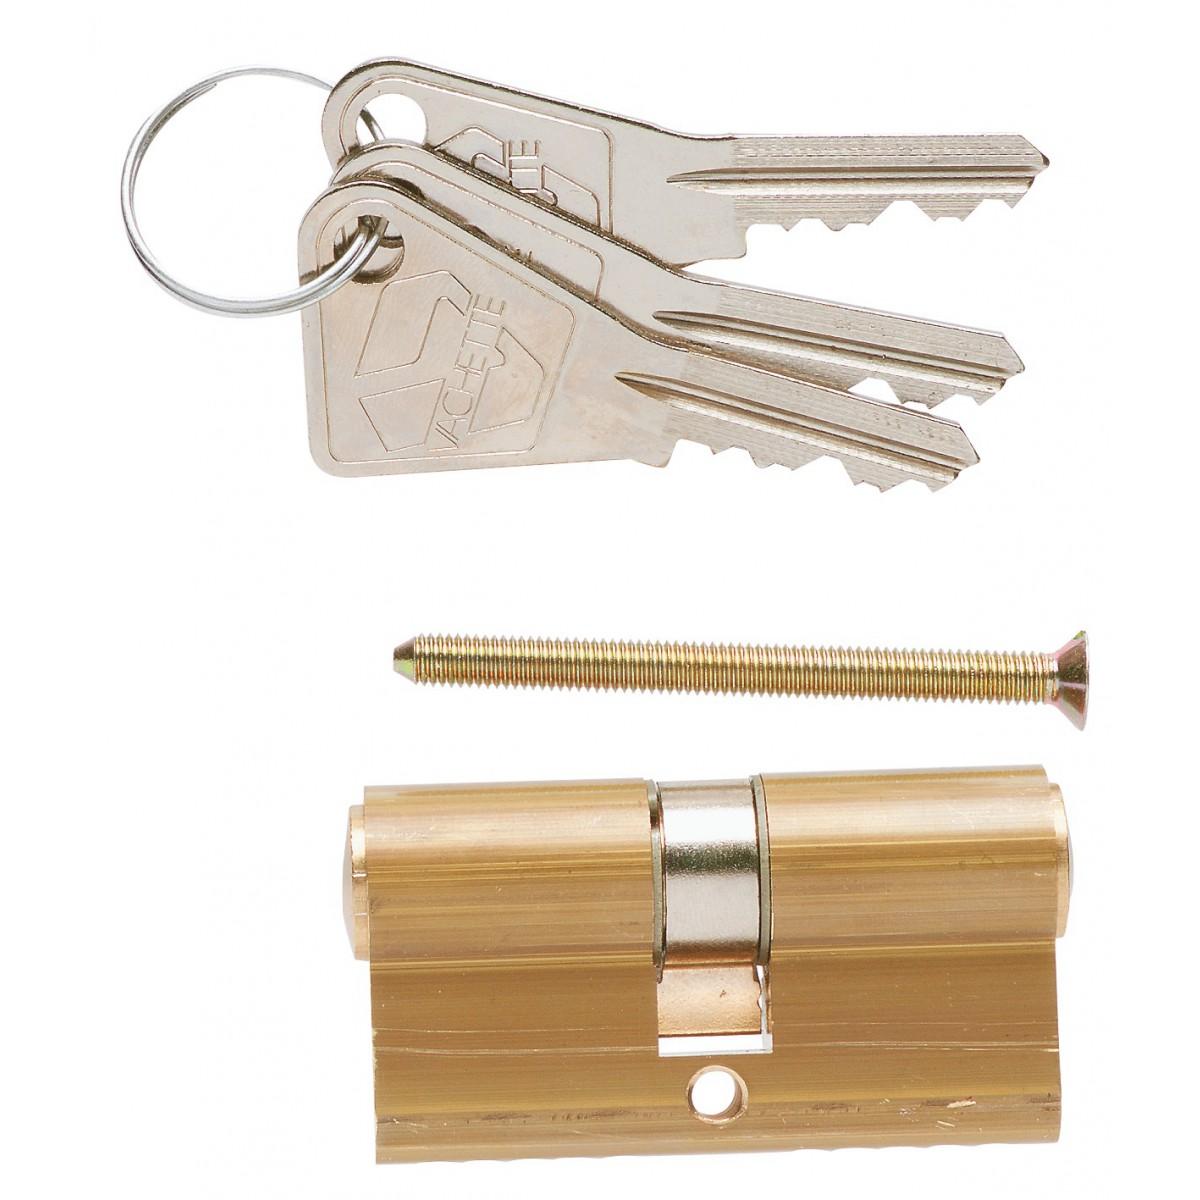 Cylindre de sureté fonction clé de sécours V5 Vachette - Dimensions 30 x 30 mm